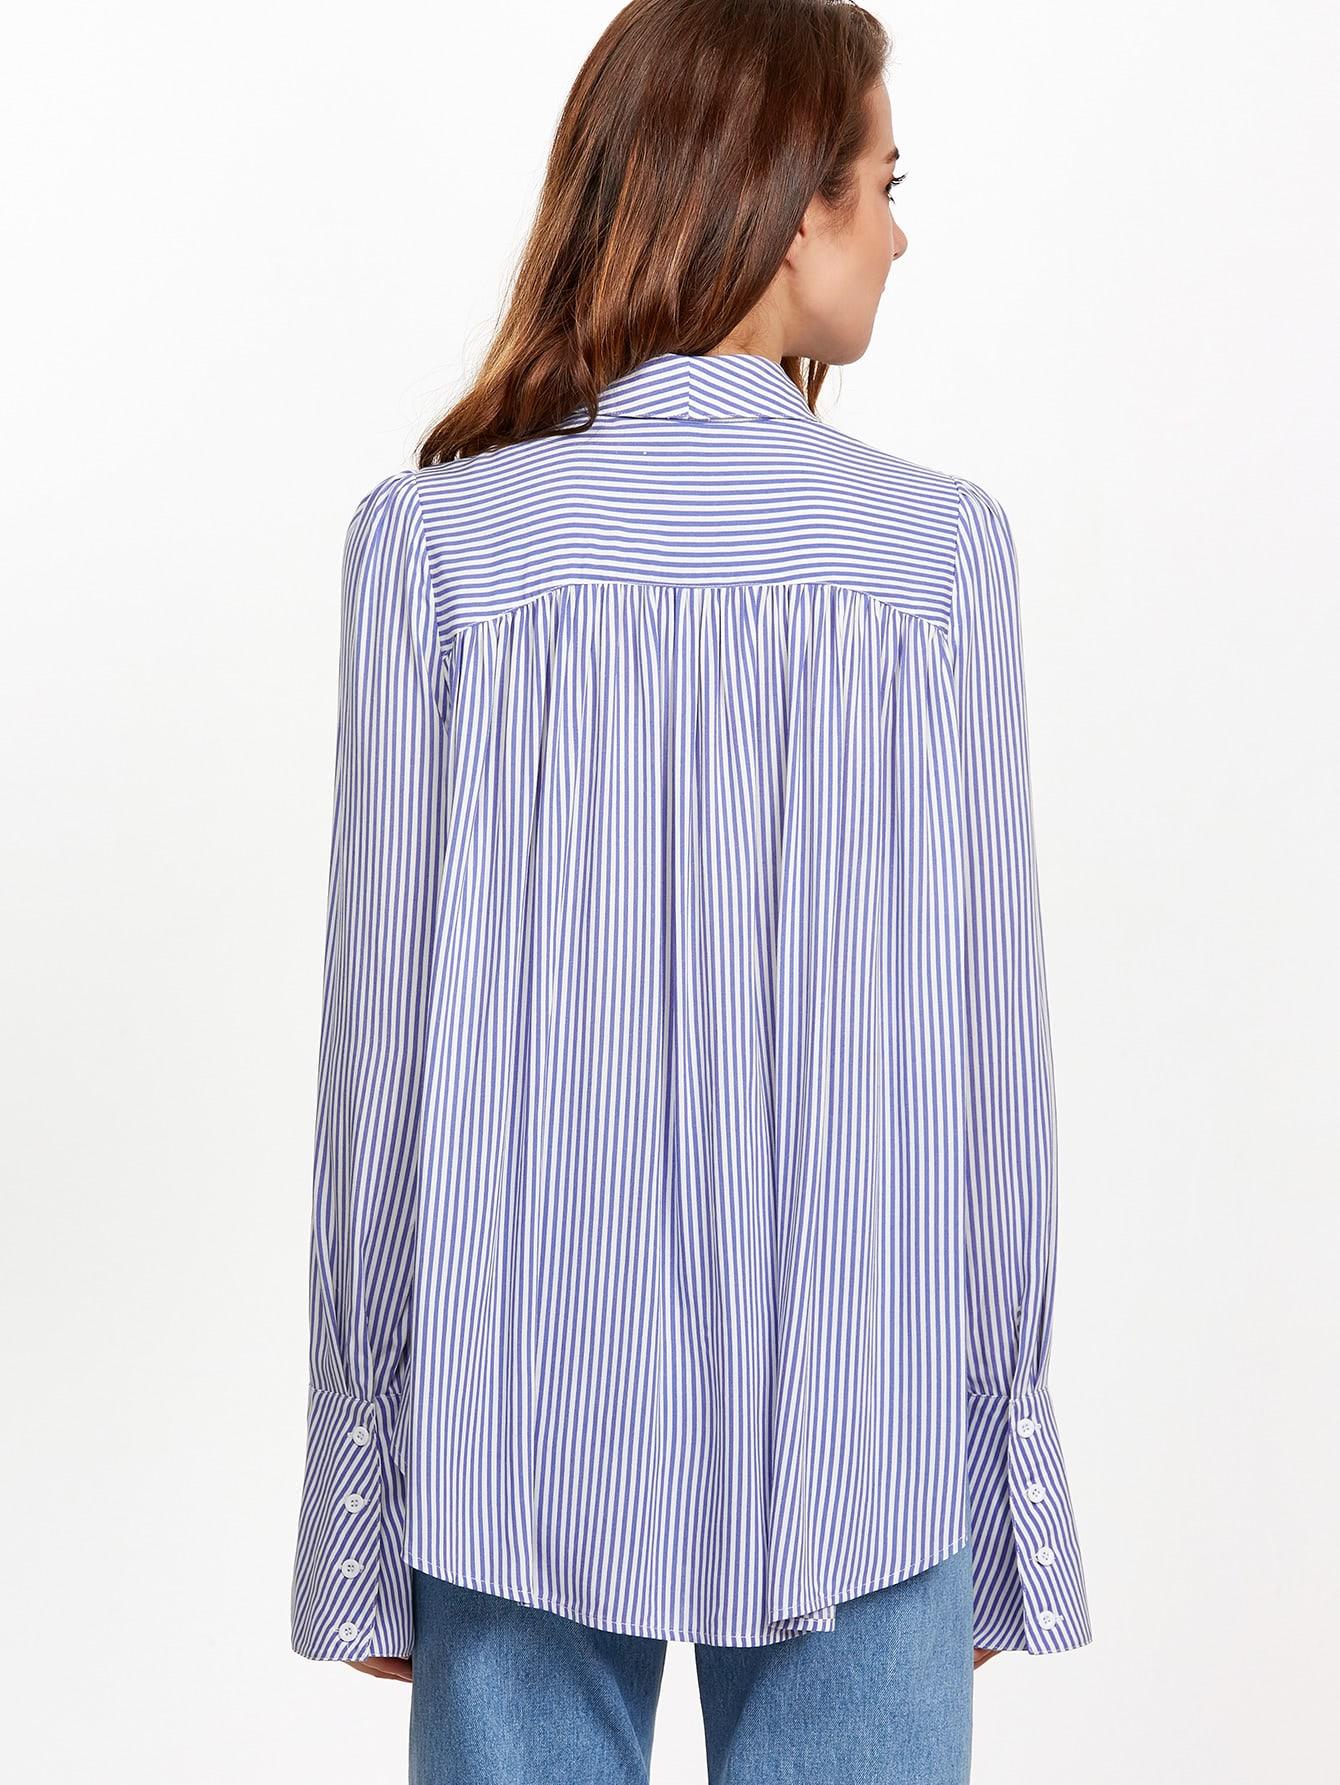 Bluse mit Streifen Schleife am Kragen Puff Ärmel-blau und weiß ...